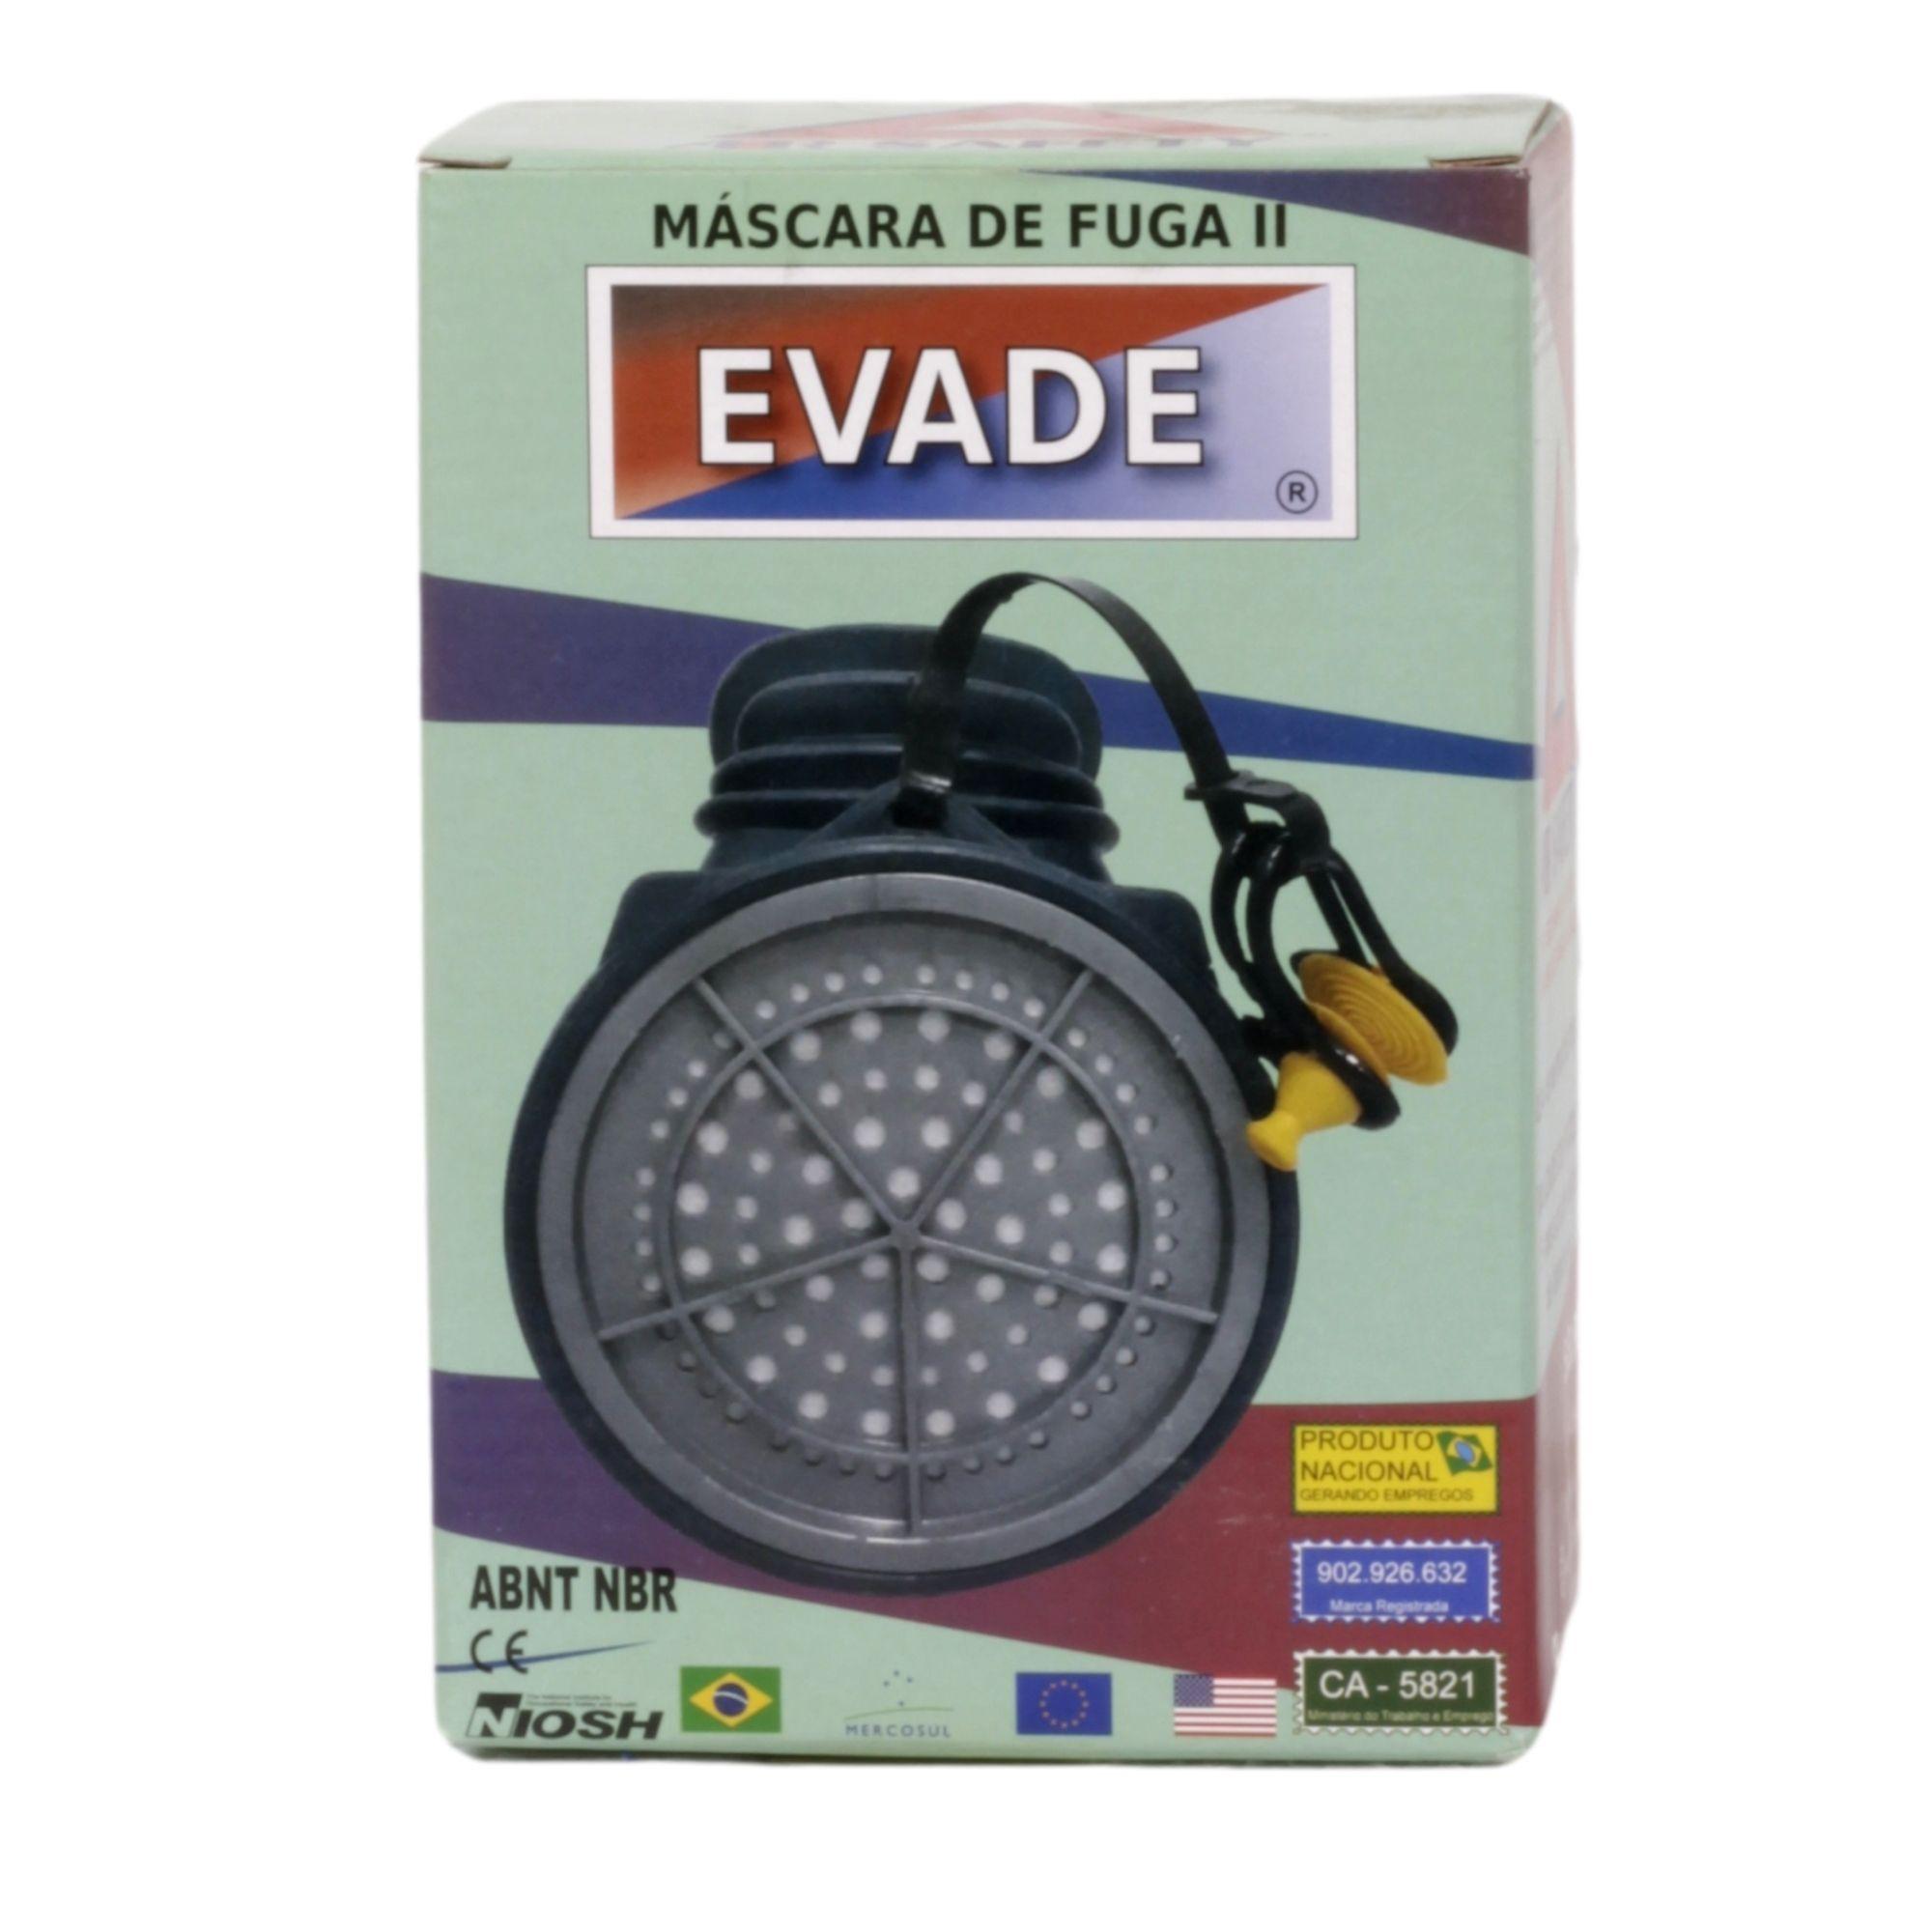 MASCARA DE FUGA II EVADE  AIR SAFETY ? CA Nº 5821  - DE PAULA EPI